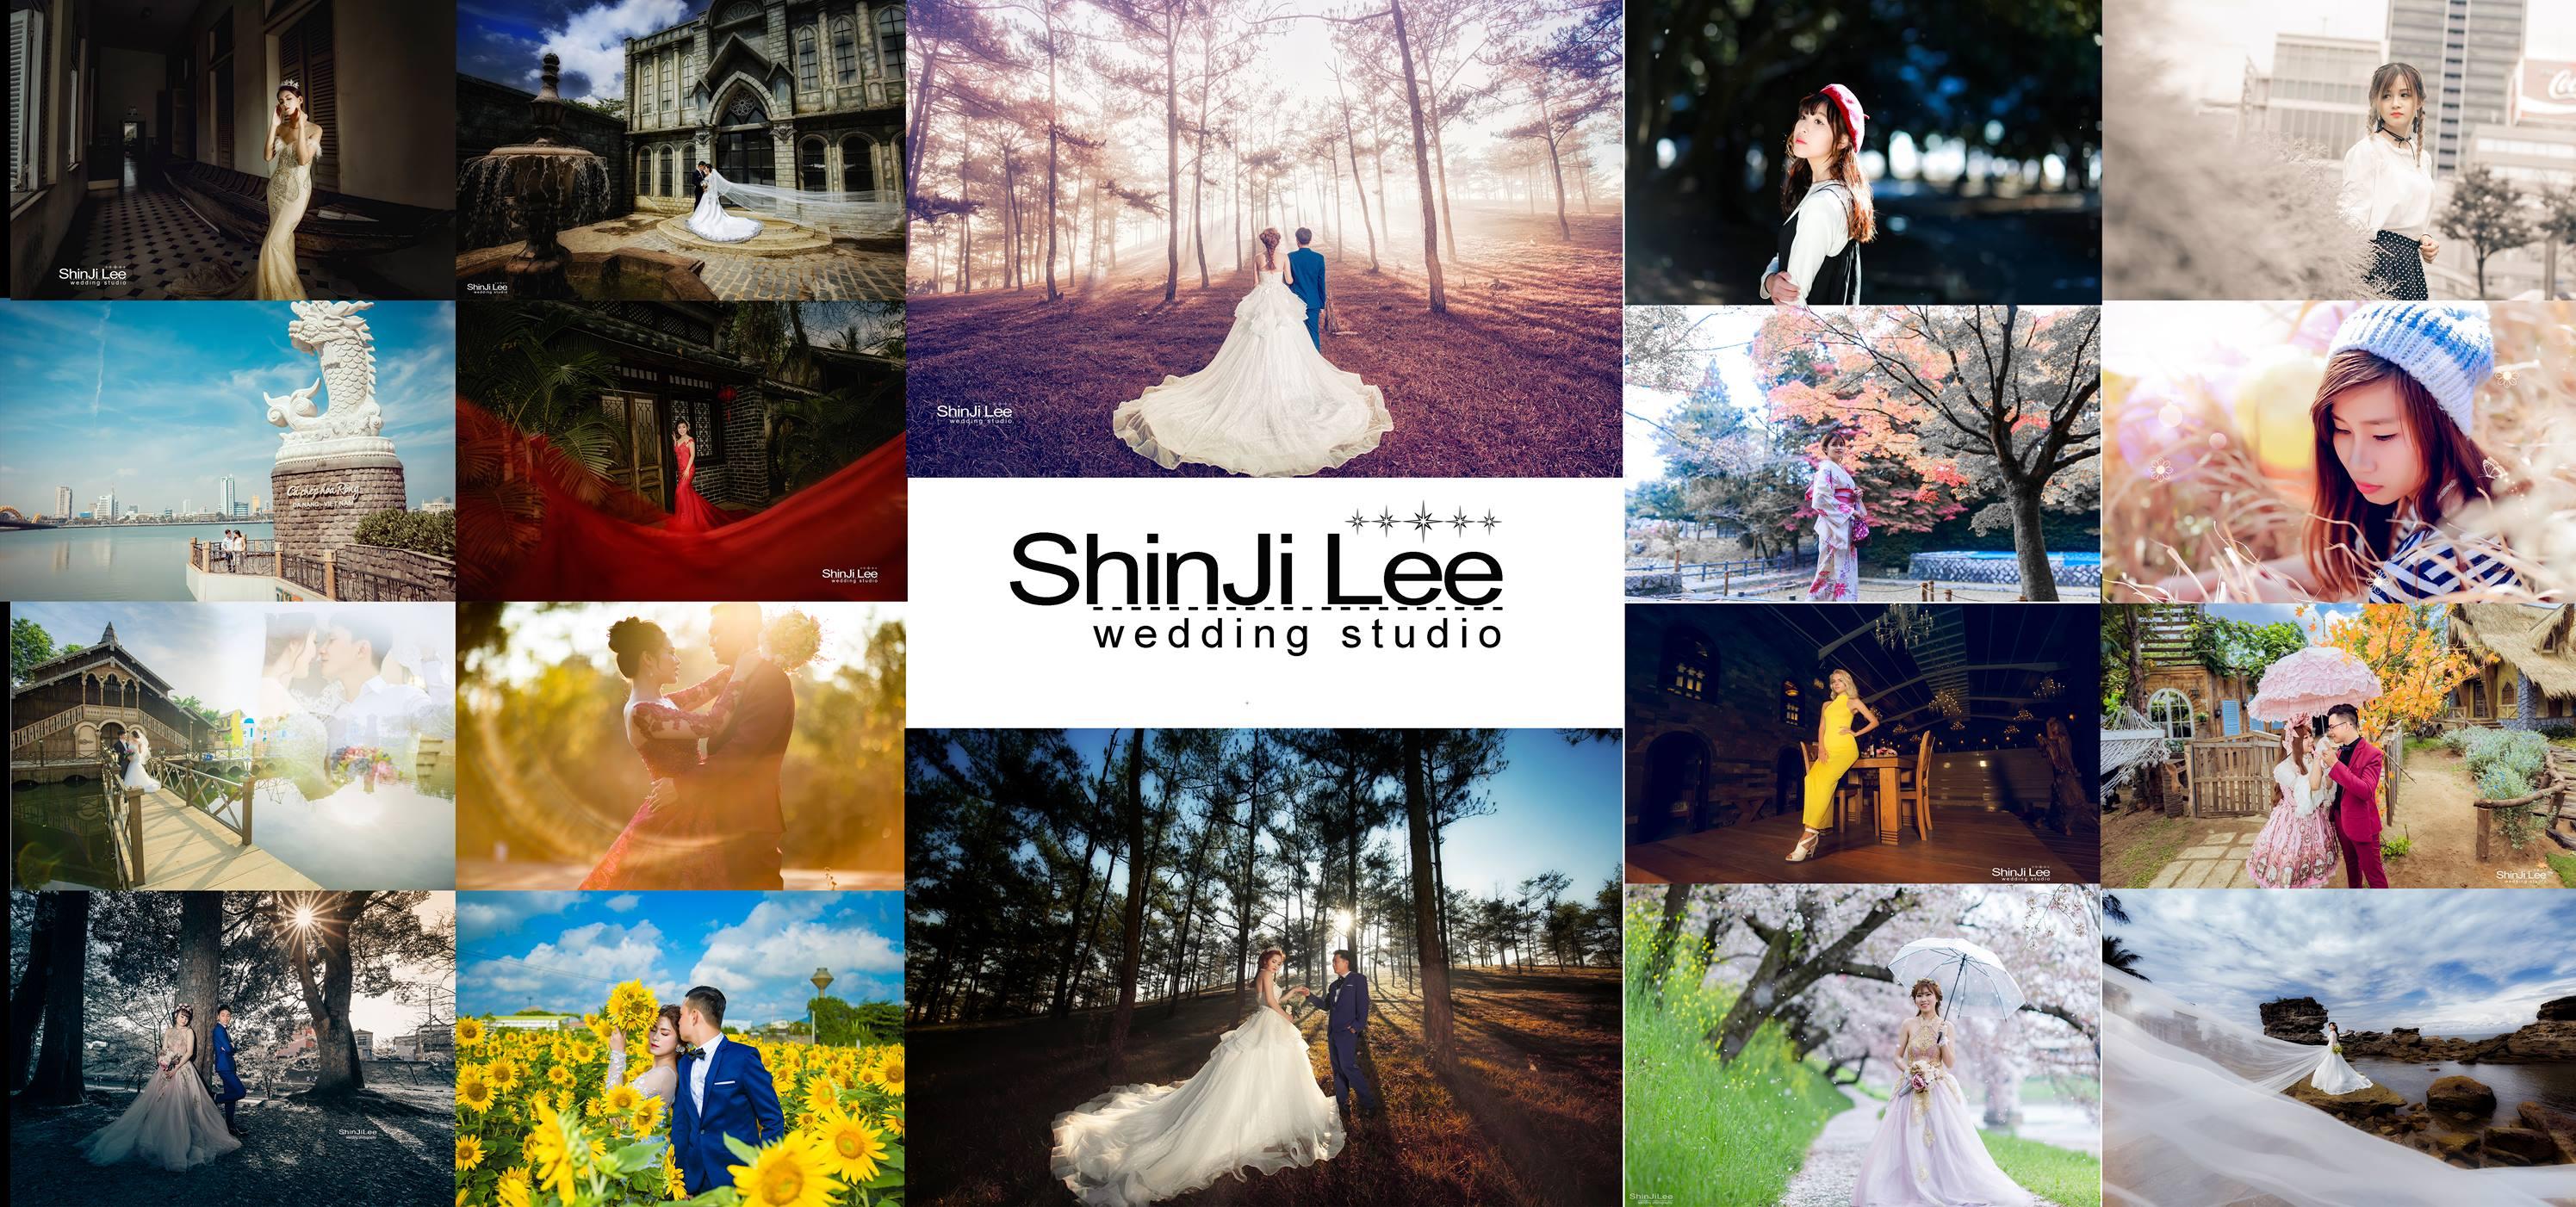 ShinJi Lee Wedding - TP Hồ Chí Minh